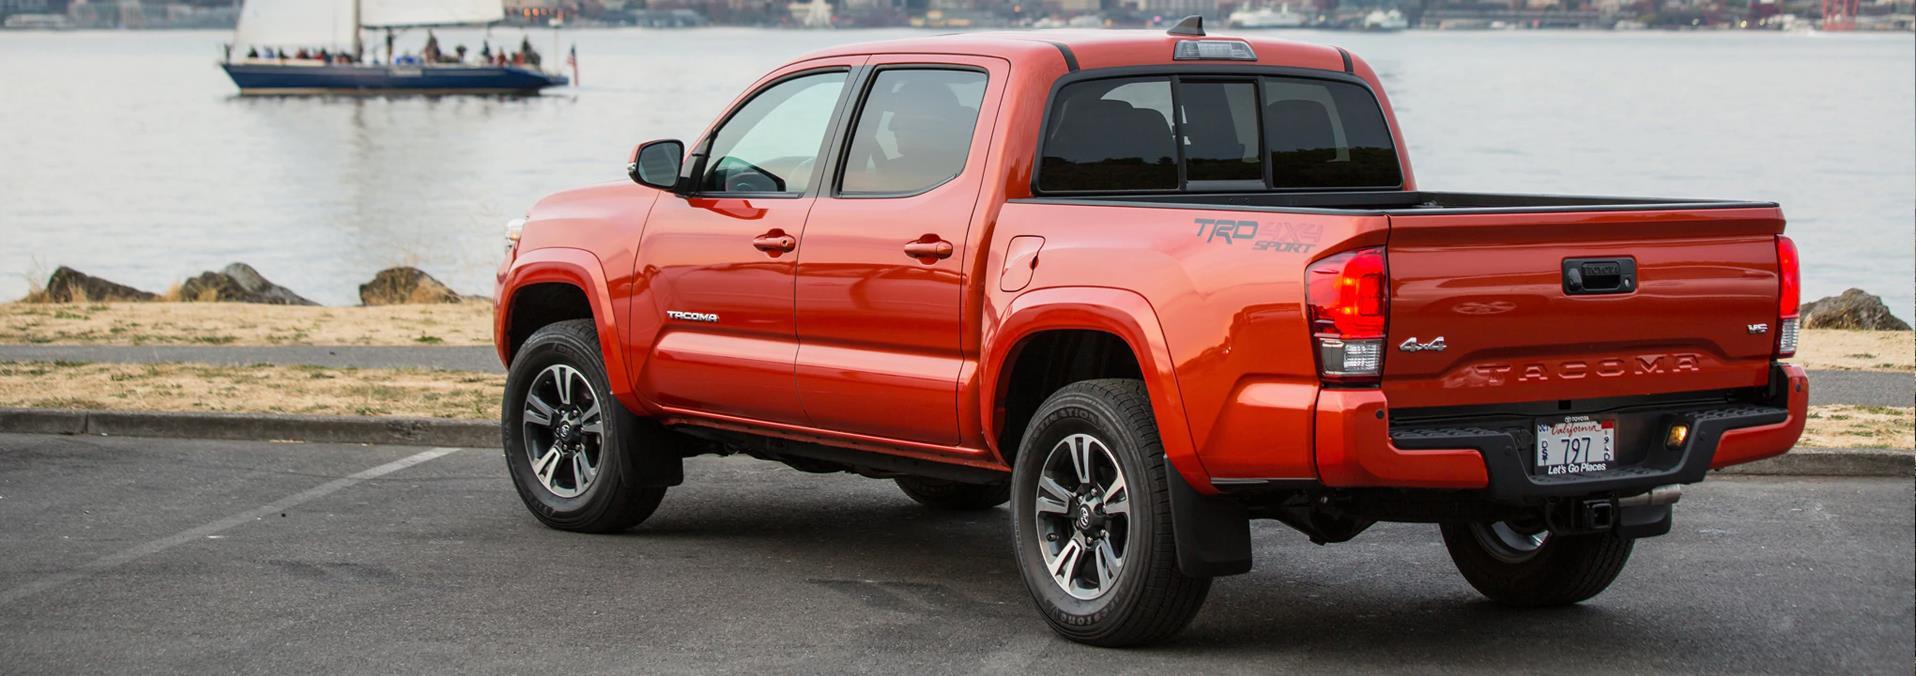 used cars roanoke va used cars trucks va star auto sales 2. Black Bedroom Furniture Sets. Home Design Ideas